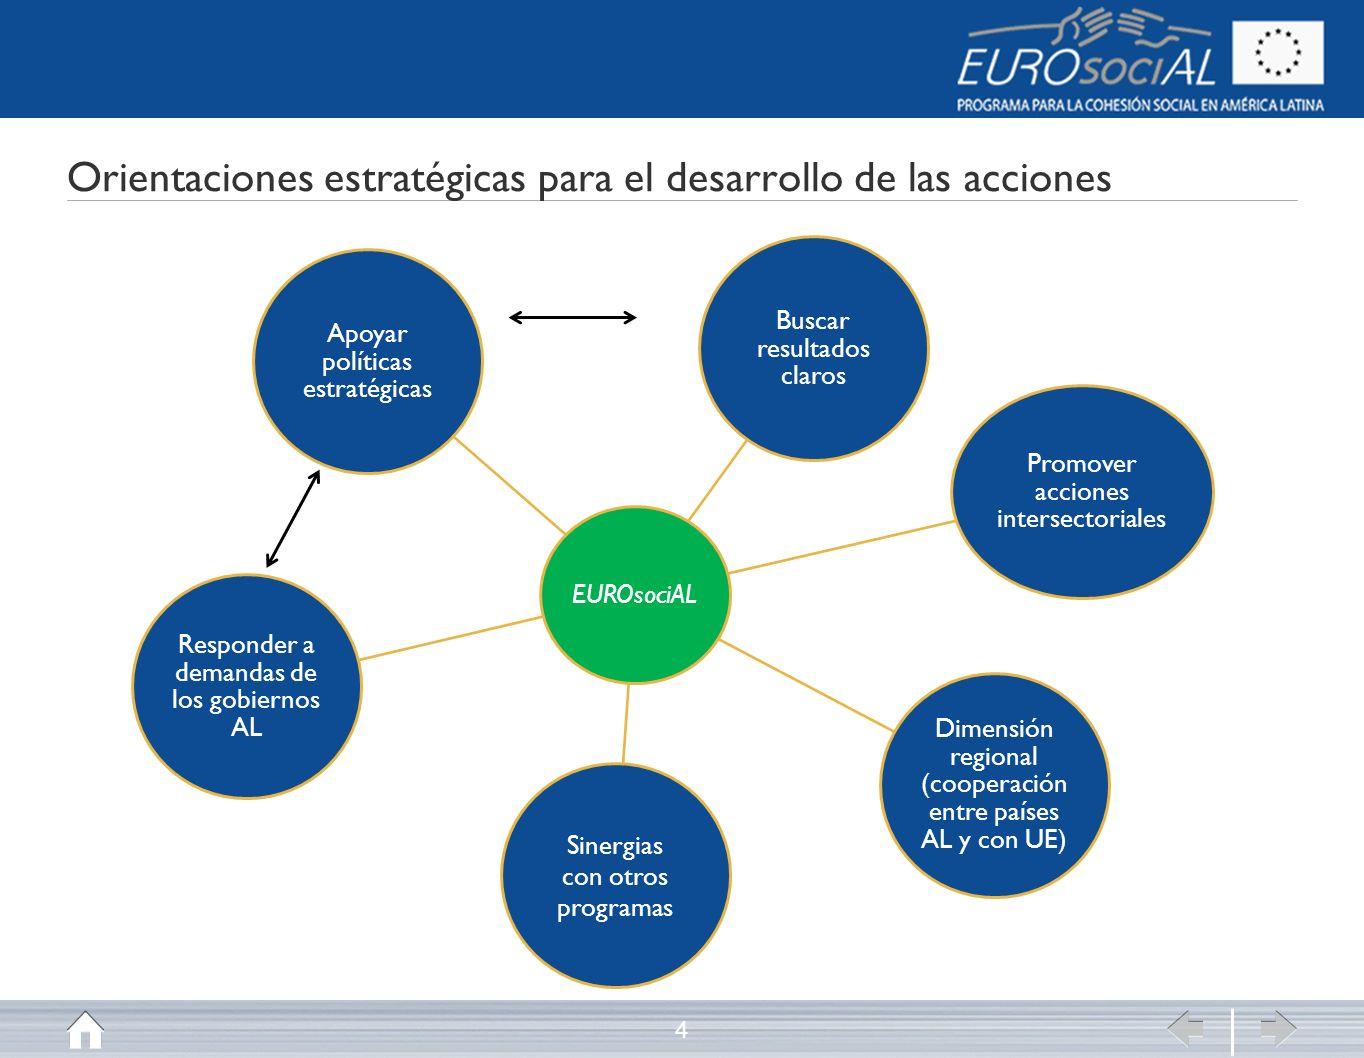 Orientaciones estratégicas para el desarrollo de las acciones